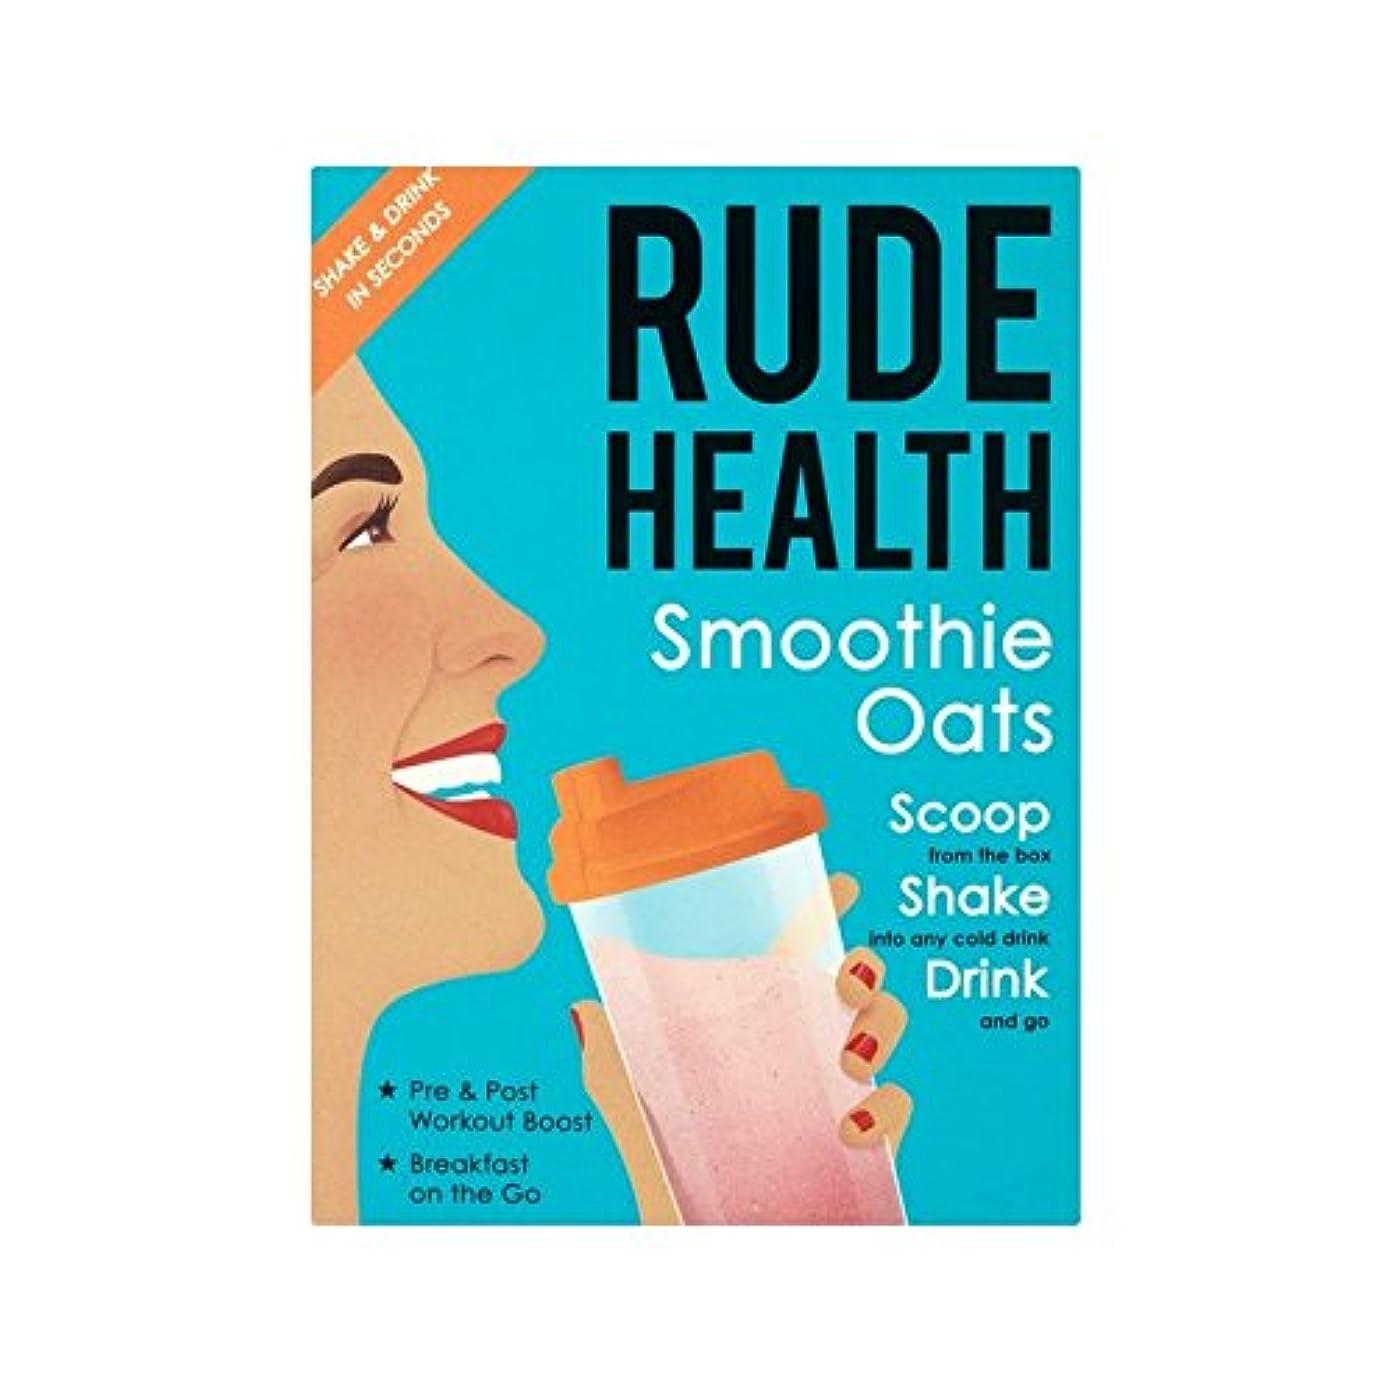 実際にドラフトイディオムスムージーオート麦250グラム (Rude Health) - Rude Health Smoothie Oats 250g [並行輸入品]